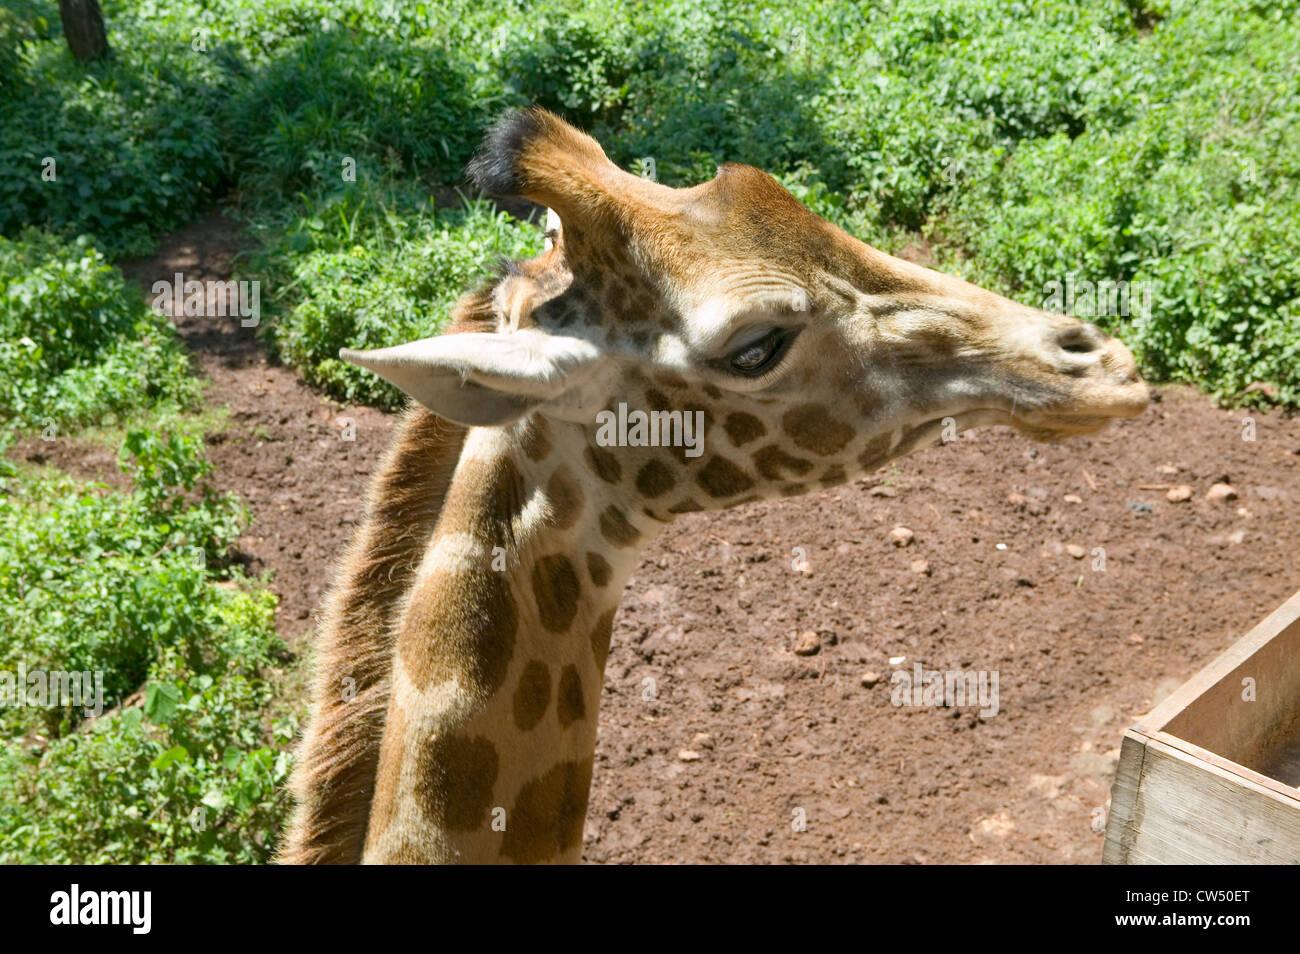 Hand-feeds Rothschild Giraffe Kopf afrikanischen Fund for Endangered Wildlife Giraffe Center in der Nähe von Nairobi Nationalpark Nairobi Stockfoto